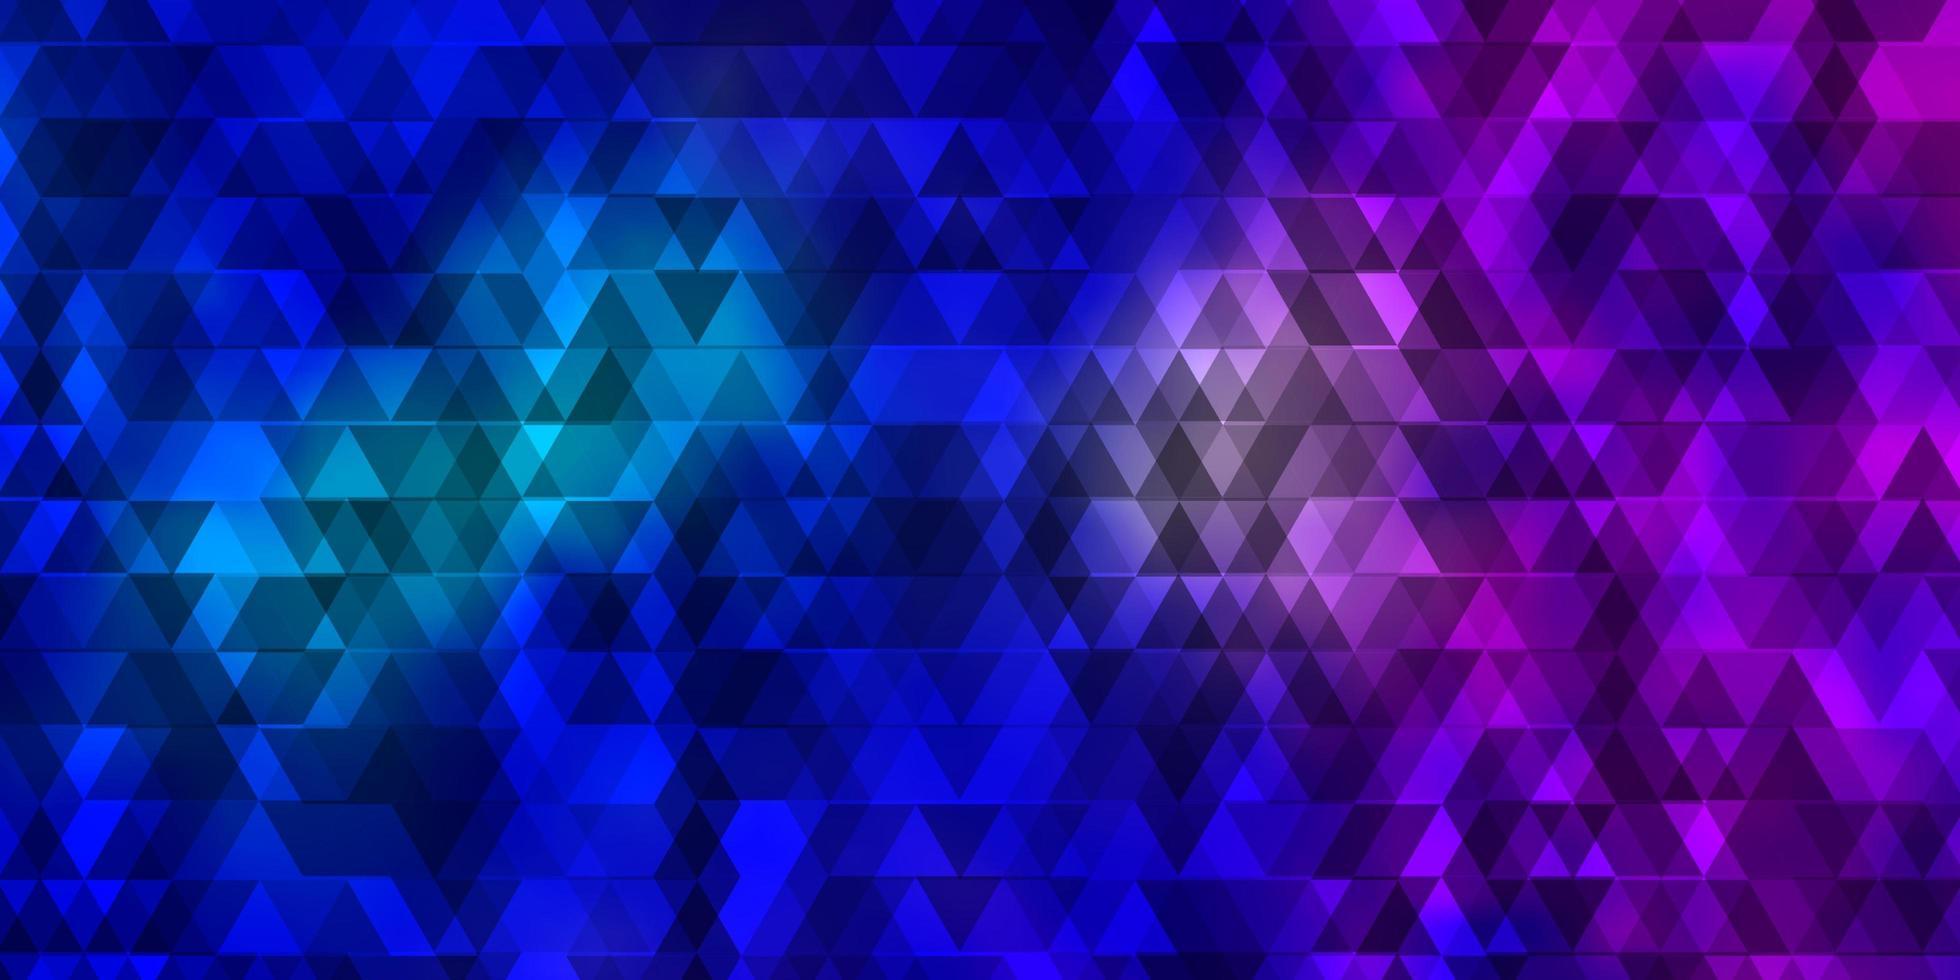 modello vettoriale rosa chiaro, blu con linee, triangoli.